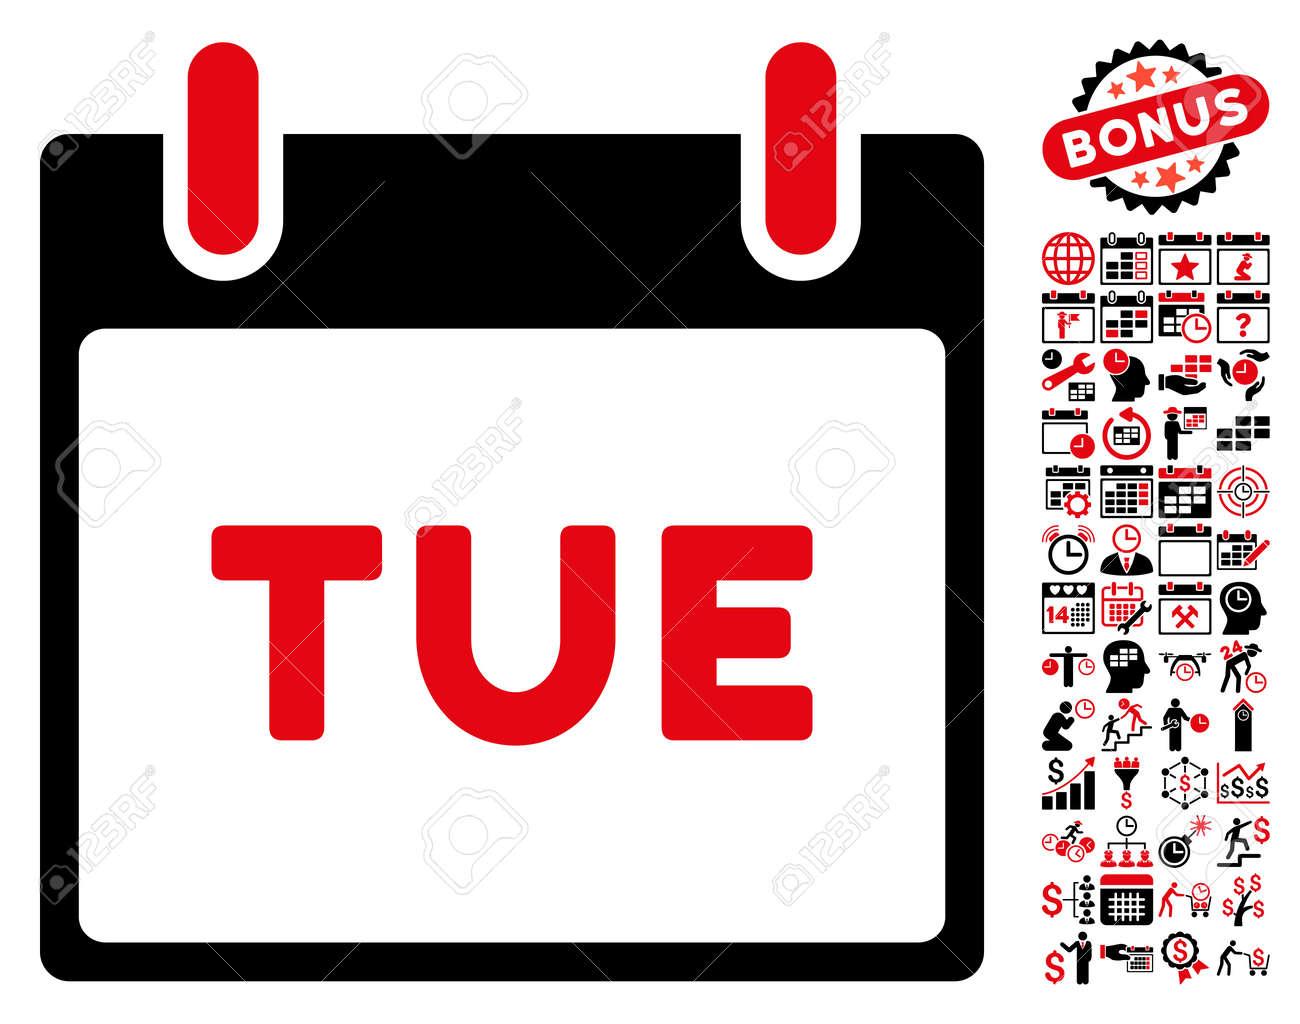 Calendario Icona.Martedi Calendario Icona Pagina Con Calendario Bonus E Icone Grafiche Di Gestione Del Tempo Lo Stile Illustrato Glyph E Simboli Piatti Piatti